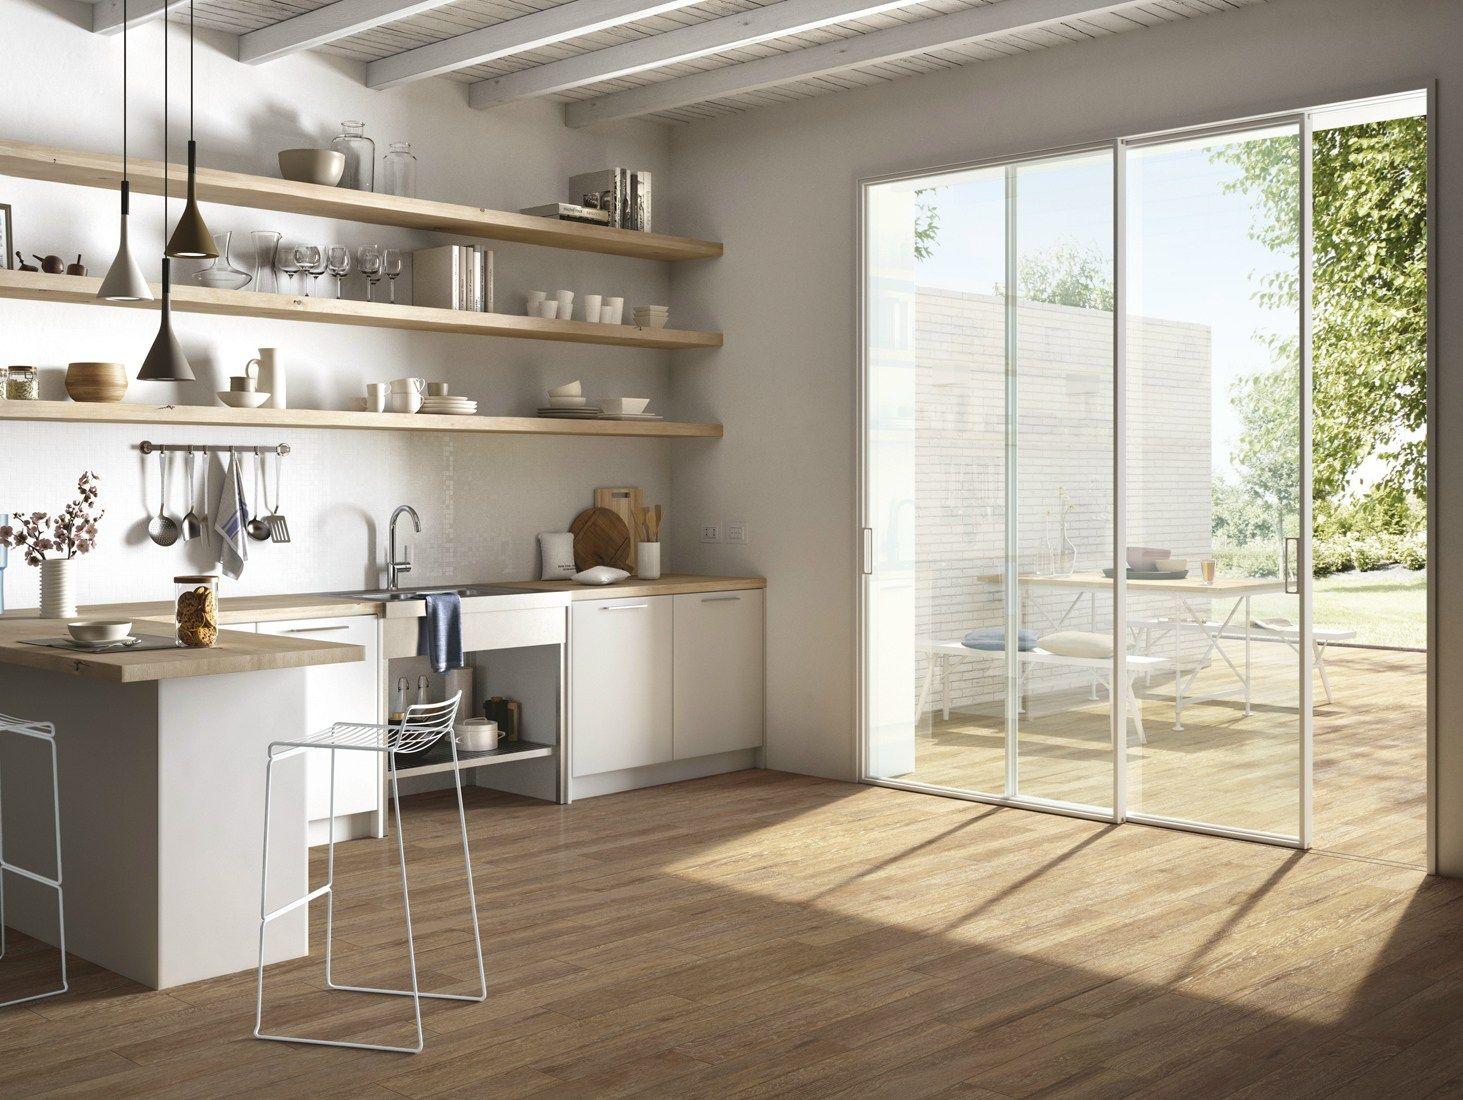 Disegno piastrelle effetto legno cucina : PAVIMENTO IN GRES PORCELLANATO SMALTATO EFFETTO LEGNO HARMONY BY ...